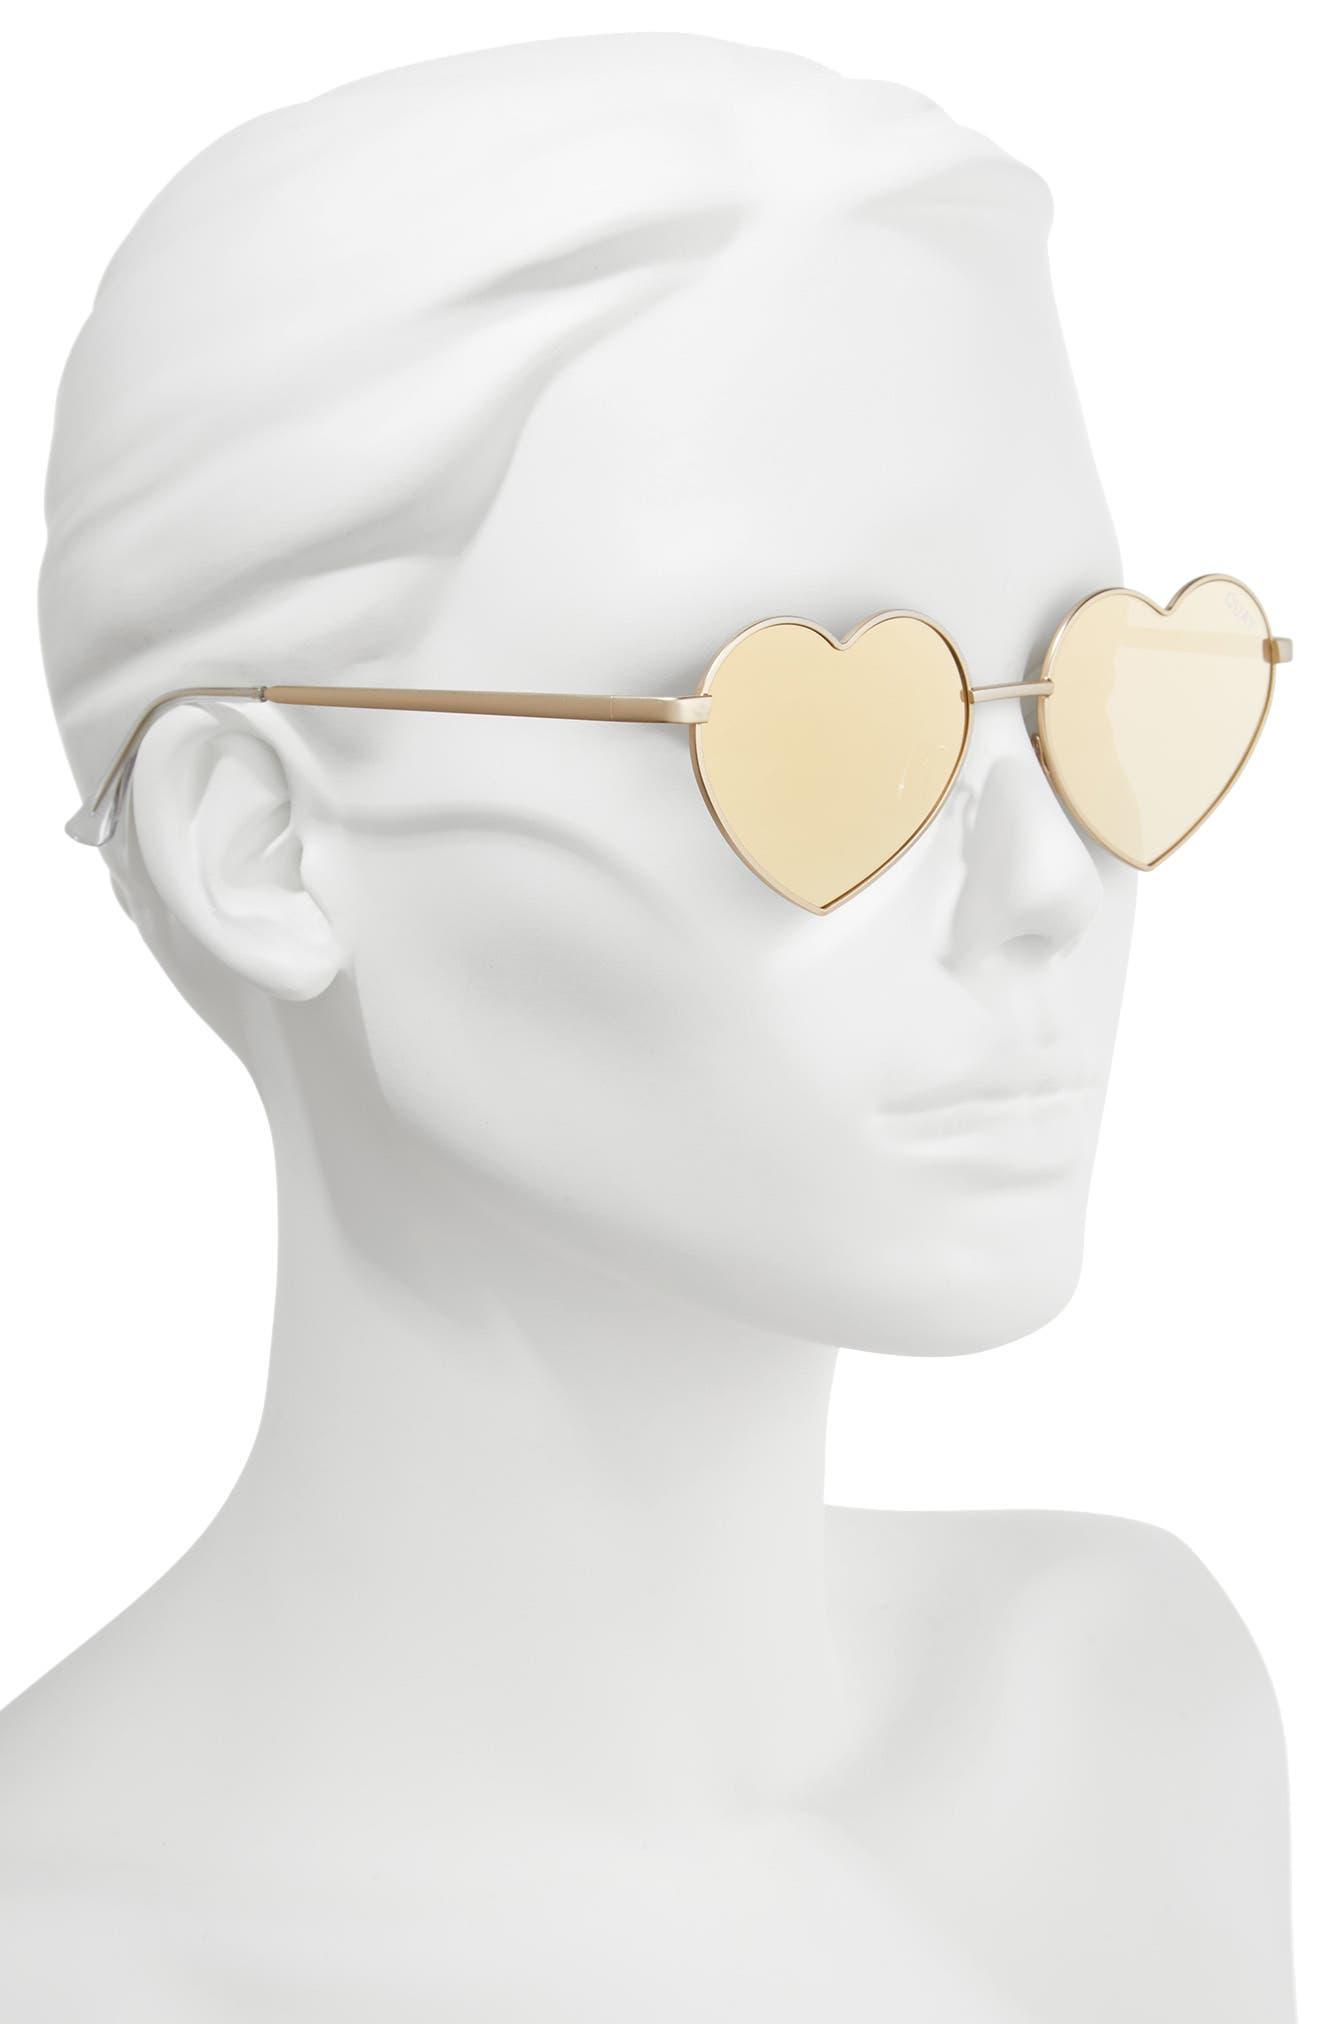 53mm Heart Breaker Heart-Shaped Sunglasses,                             Alternate thumbnail 4, color,                             Gold/ Gold